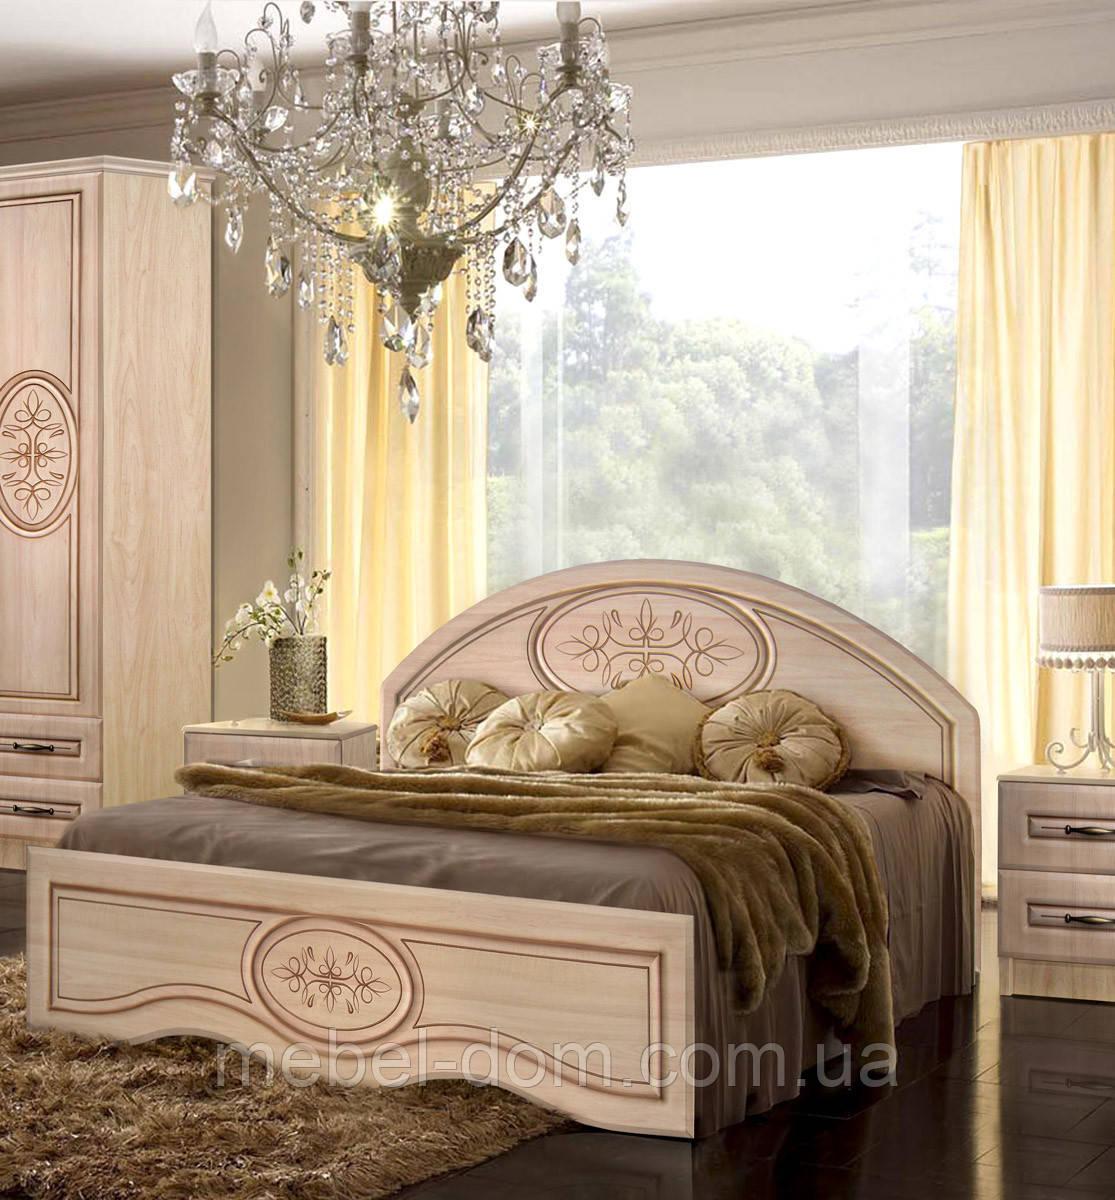 Кровать двуспальная Василиса без каркаса 1600/370 с низким изножьем